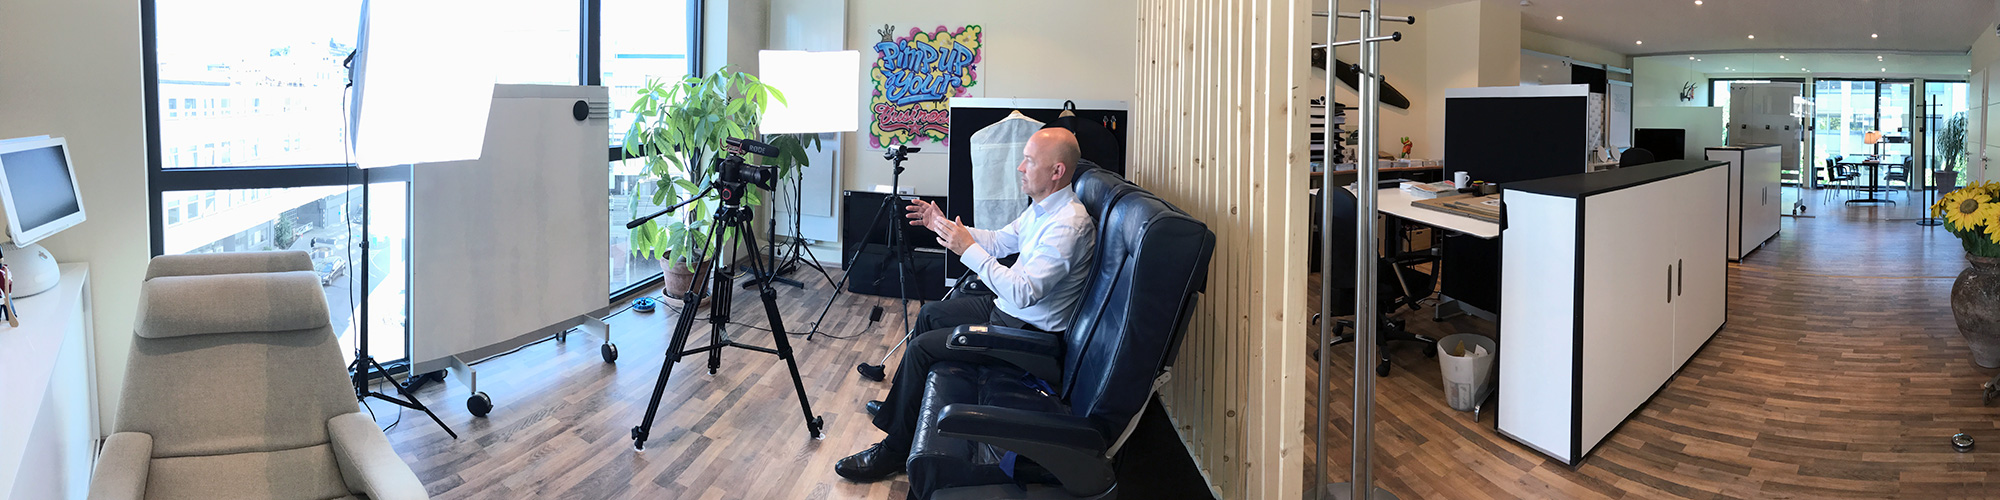 Unser CEO beim Aufnehmen eines Podcasts im HQ.